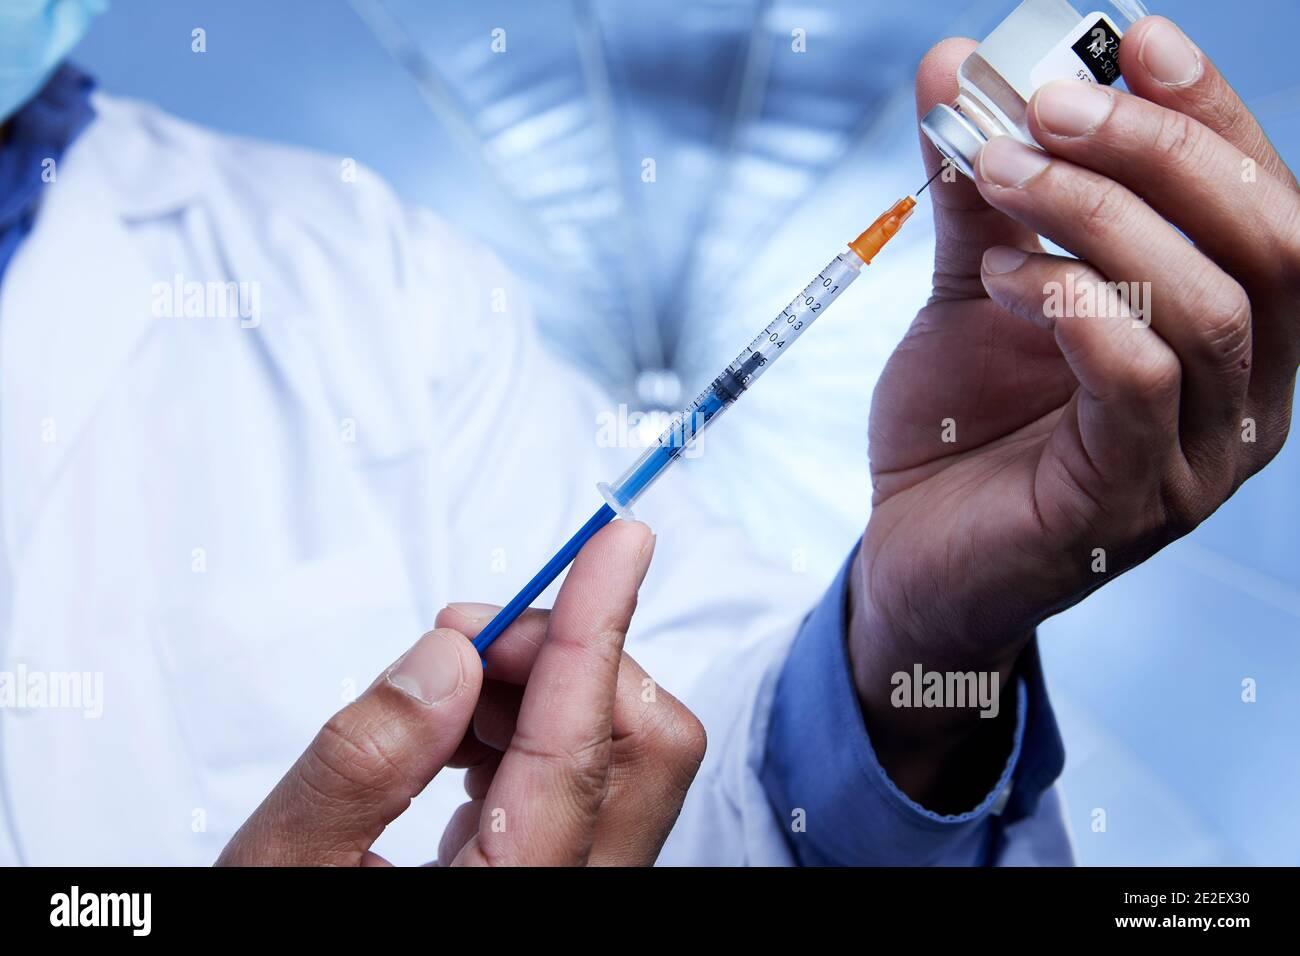 Gros plan d'un scientifique afro-américain interagissant avec une seringue et un flacon en verre de vaccin liquide en laboratoire. Banque D'Images